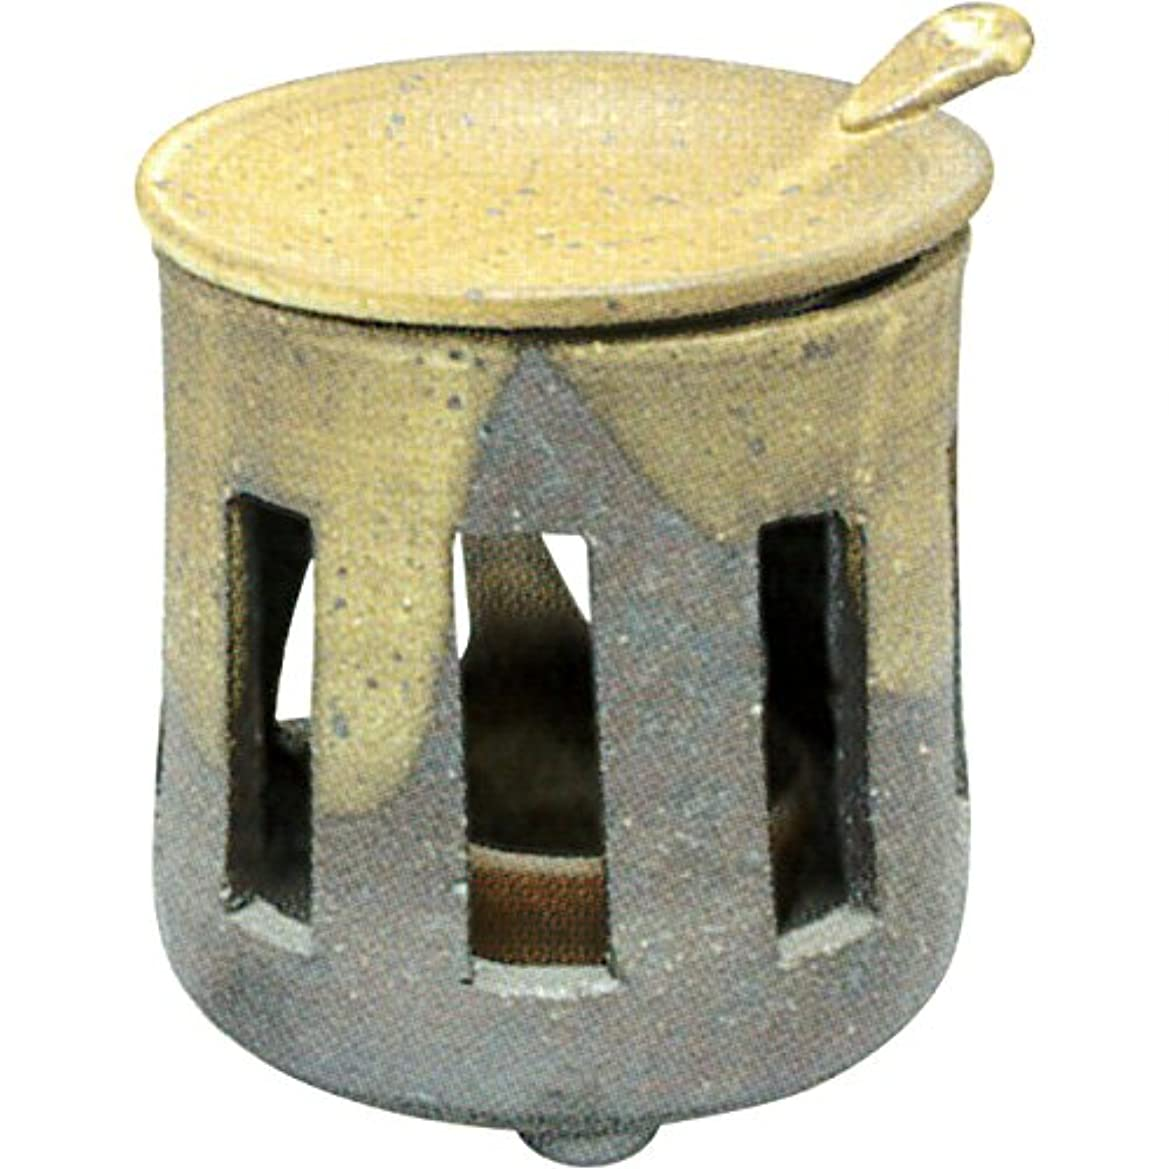 バンカー味方トリッキー茶香炉 : 常滑焼 焜清 茶香炉?サ39-03